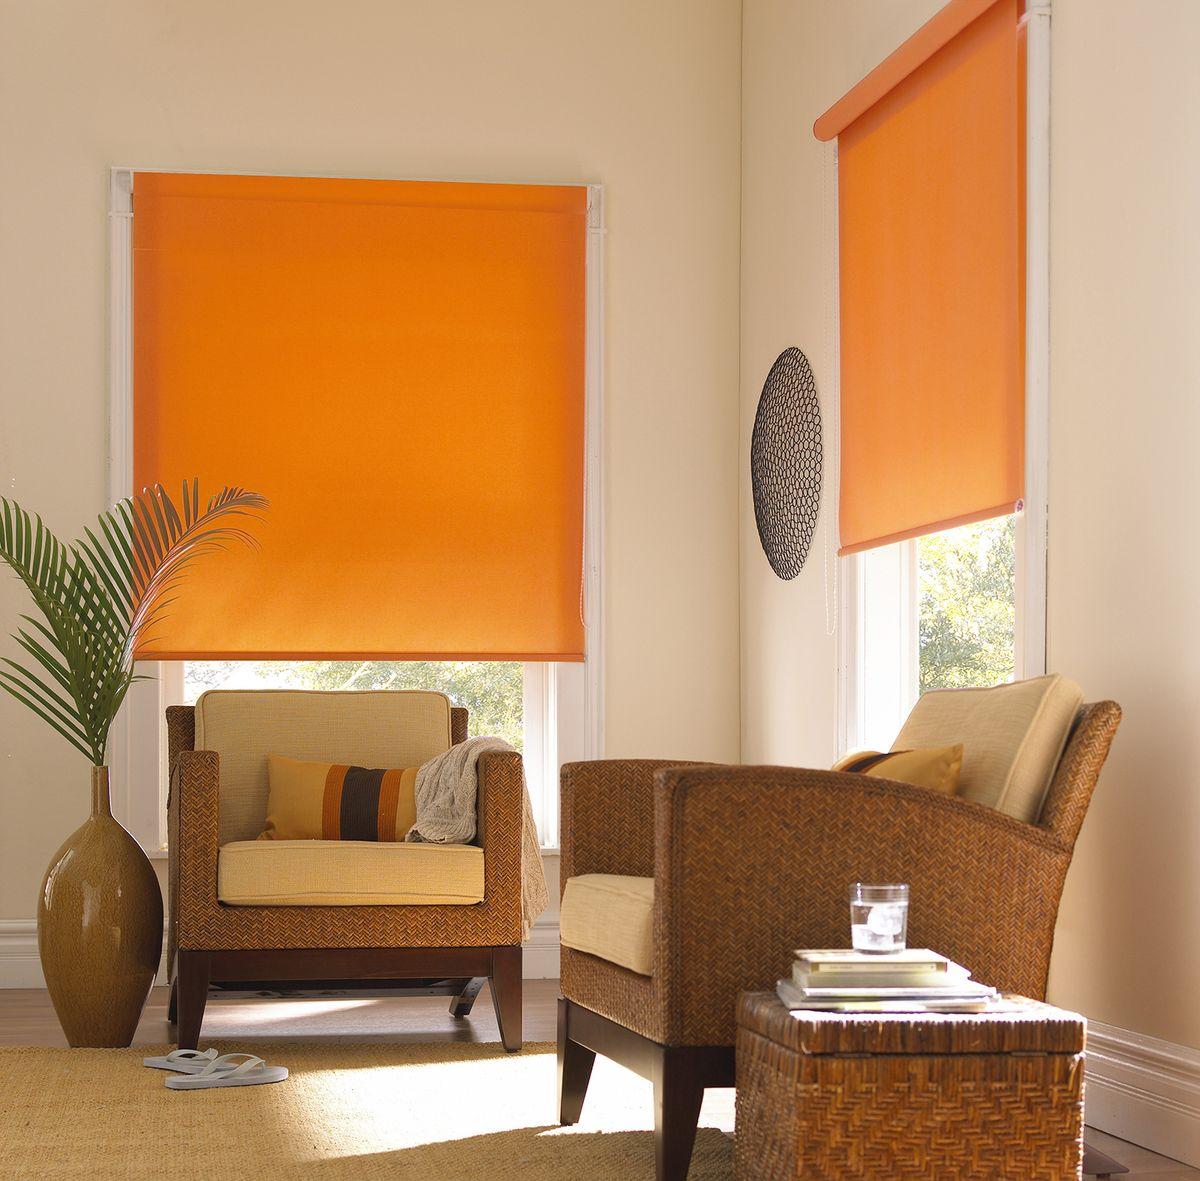 Штора рулонная Эскар Миниролло, цвет: апельсин, ширина 52 см, высота 170 см31203052170Рулонная штора Эскар Миниролло выполнена из высокопрочной ткани, которая сохраняет свой размер даже при намокании. Ткань не выцветает и обладает отличной цветоустойчивостью. Миниролло - это подвид рулонных штор, который закрывает не весь оконный проем, а непосредственно само стекло. Такие шторы крепятся на раму без сверления при помощи зажимов или клейкой двухсторонней ленты (в комплекте). Окно остается на гарантии, благодаря монтажу без сверления. Такая штора станет прекрасным элементом декора окна и гармонично впишется в интерьер любого помещения.